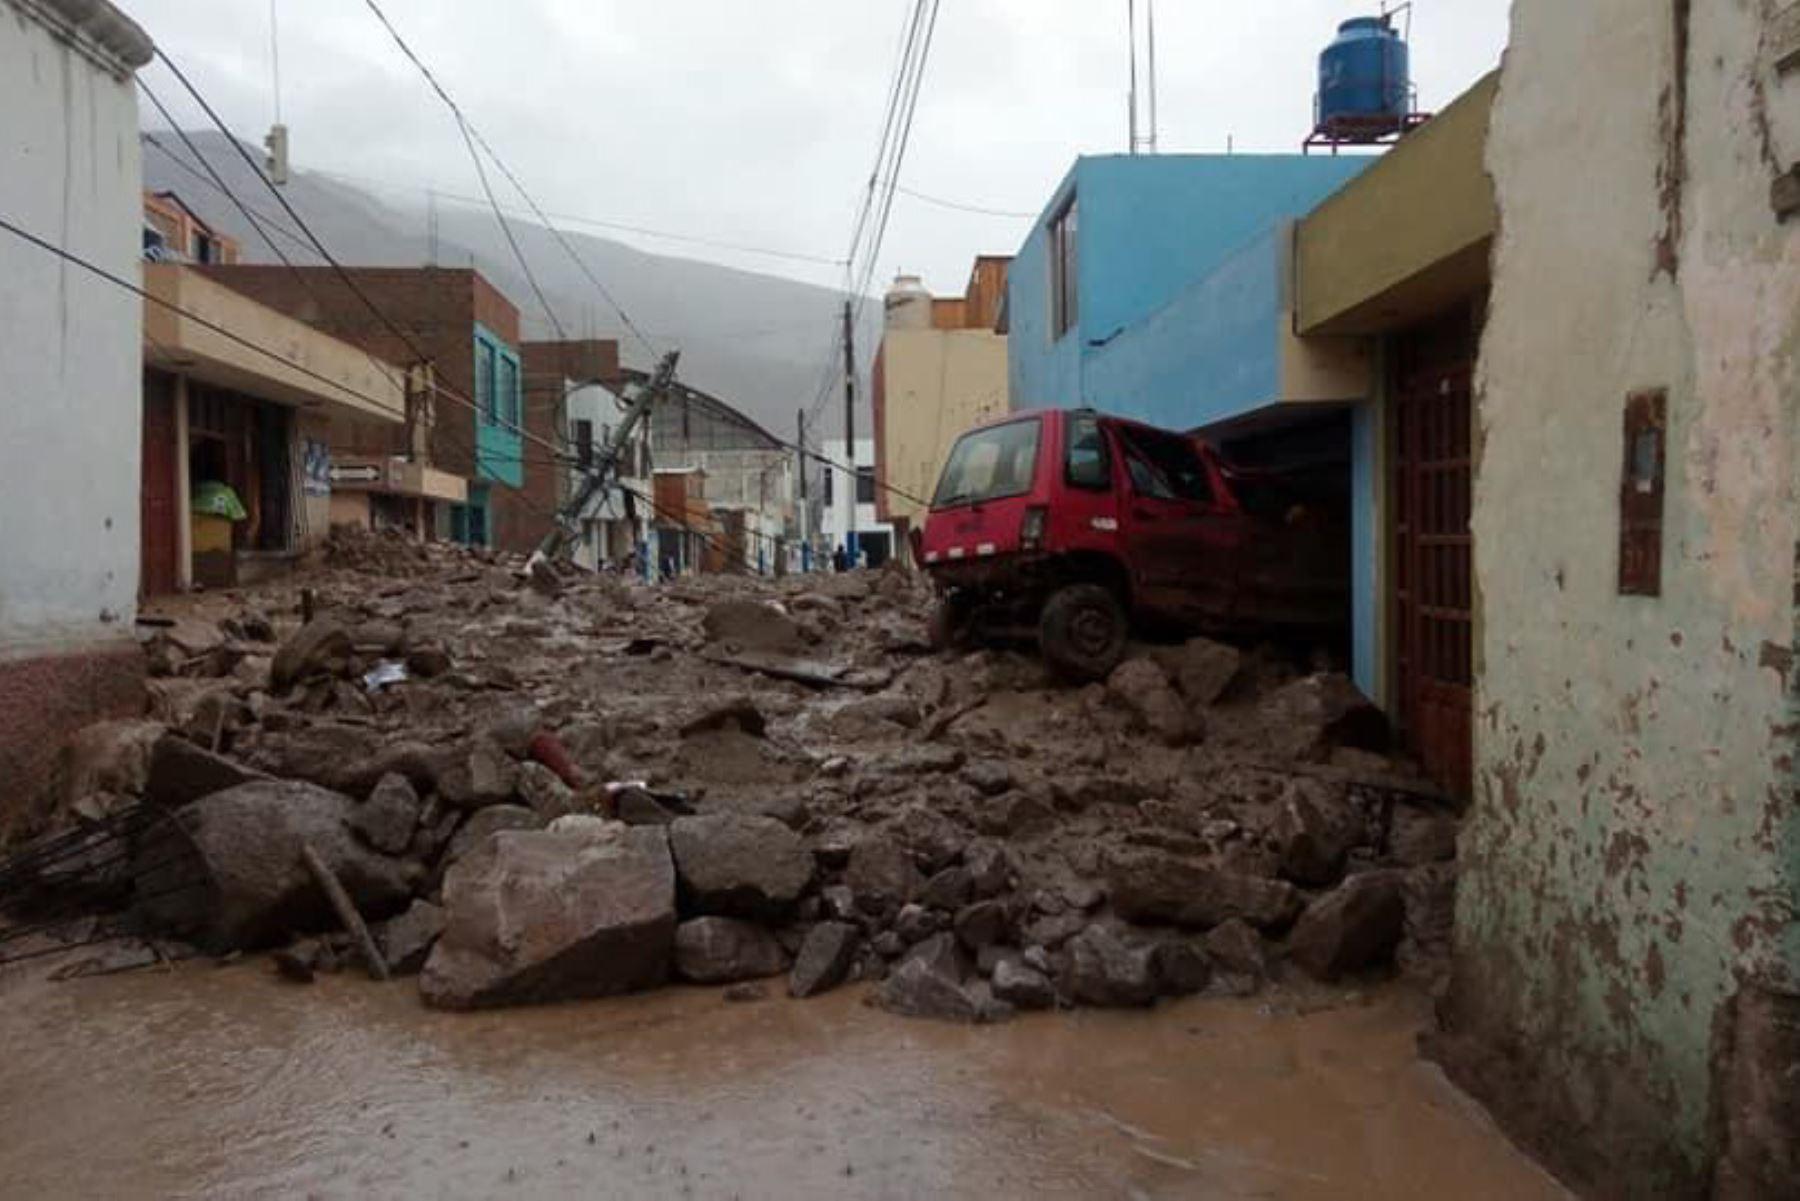 Producto de las intensas lluvias, esta tarde se registró un huaico de grandes proporciones en la ciudad de Aplao, capital de la provincia arequipeña de Castilla.